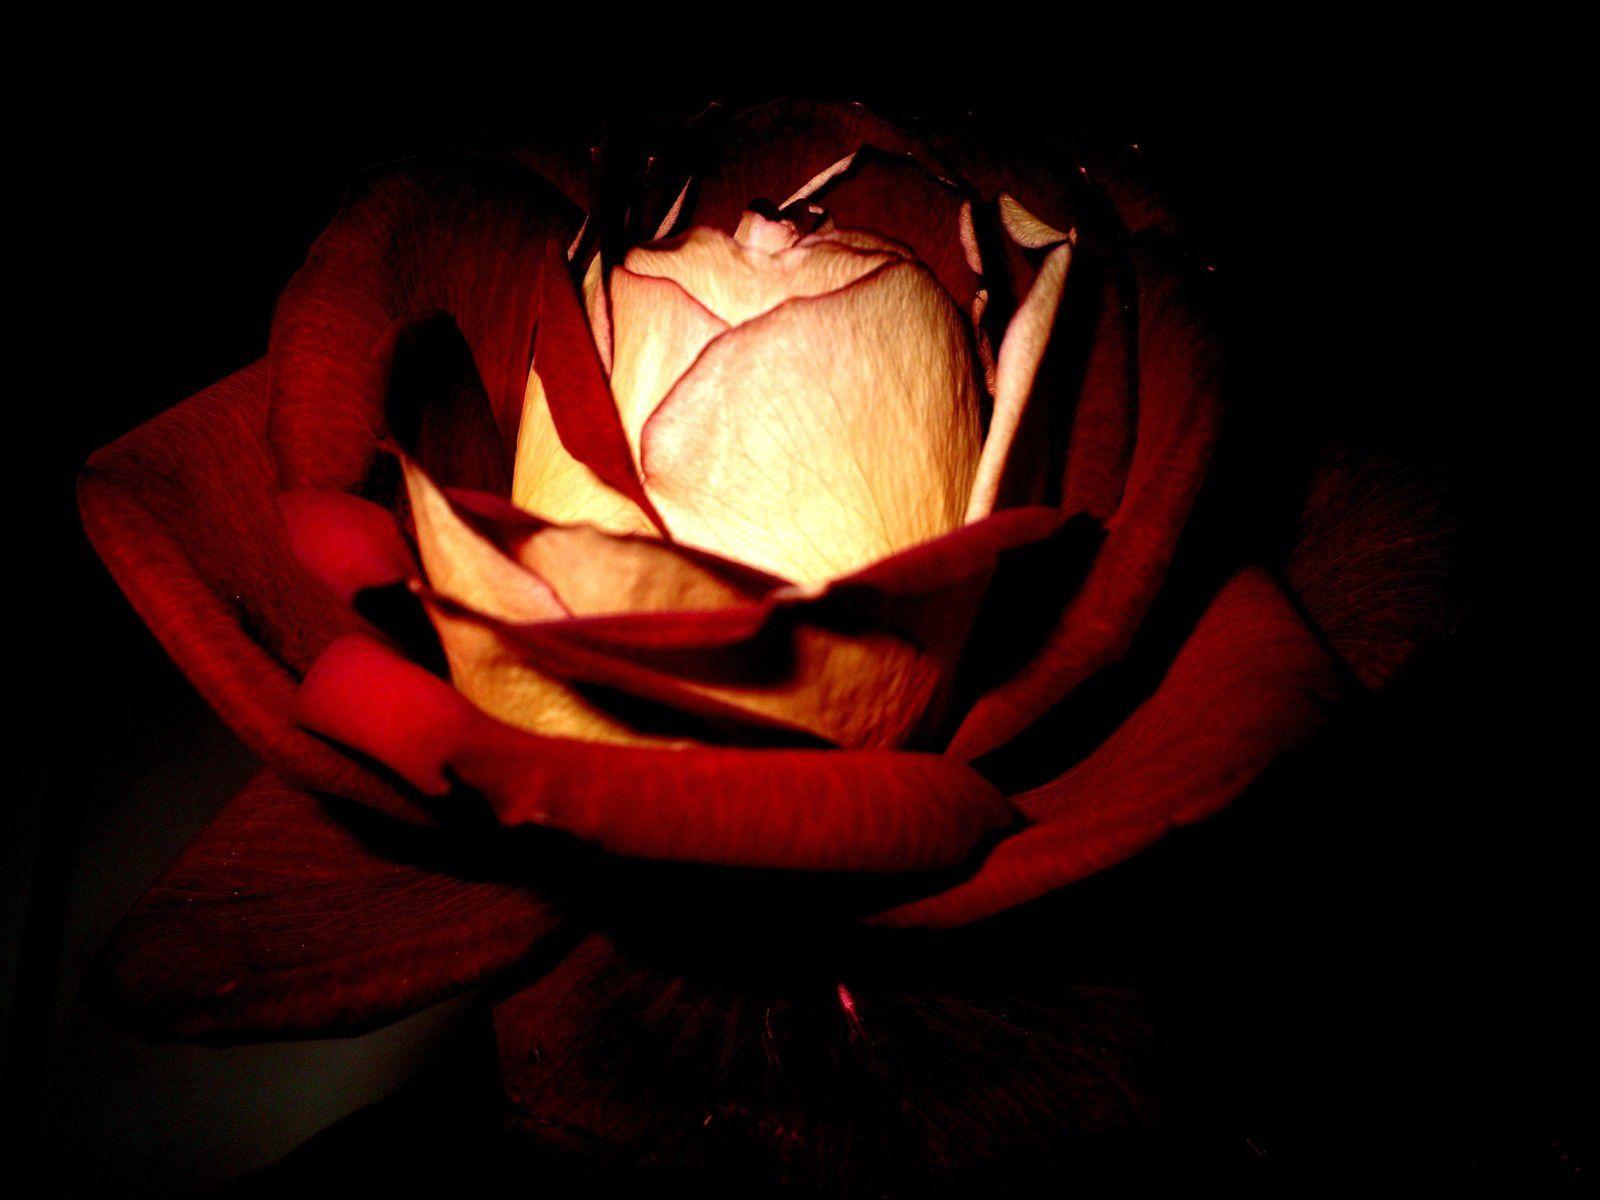 Scene de rencontre amoureuse le rouge et le noir